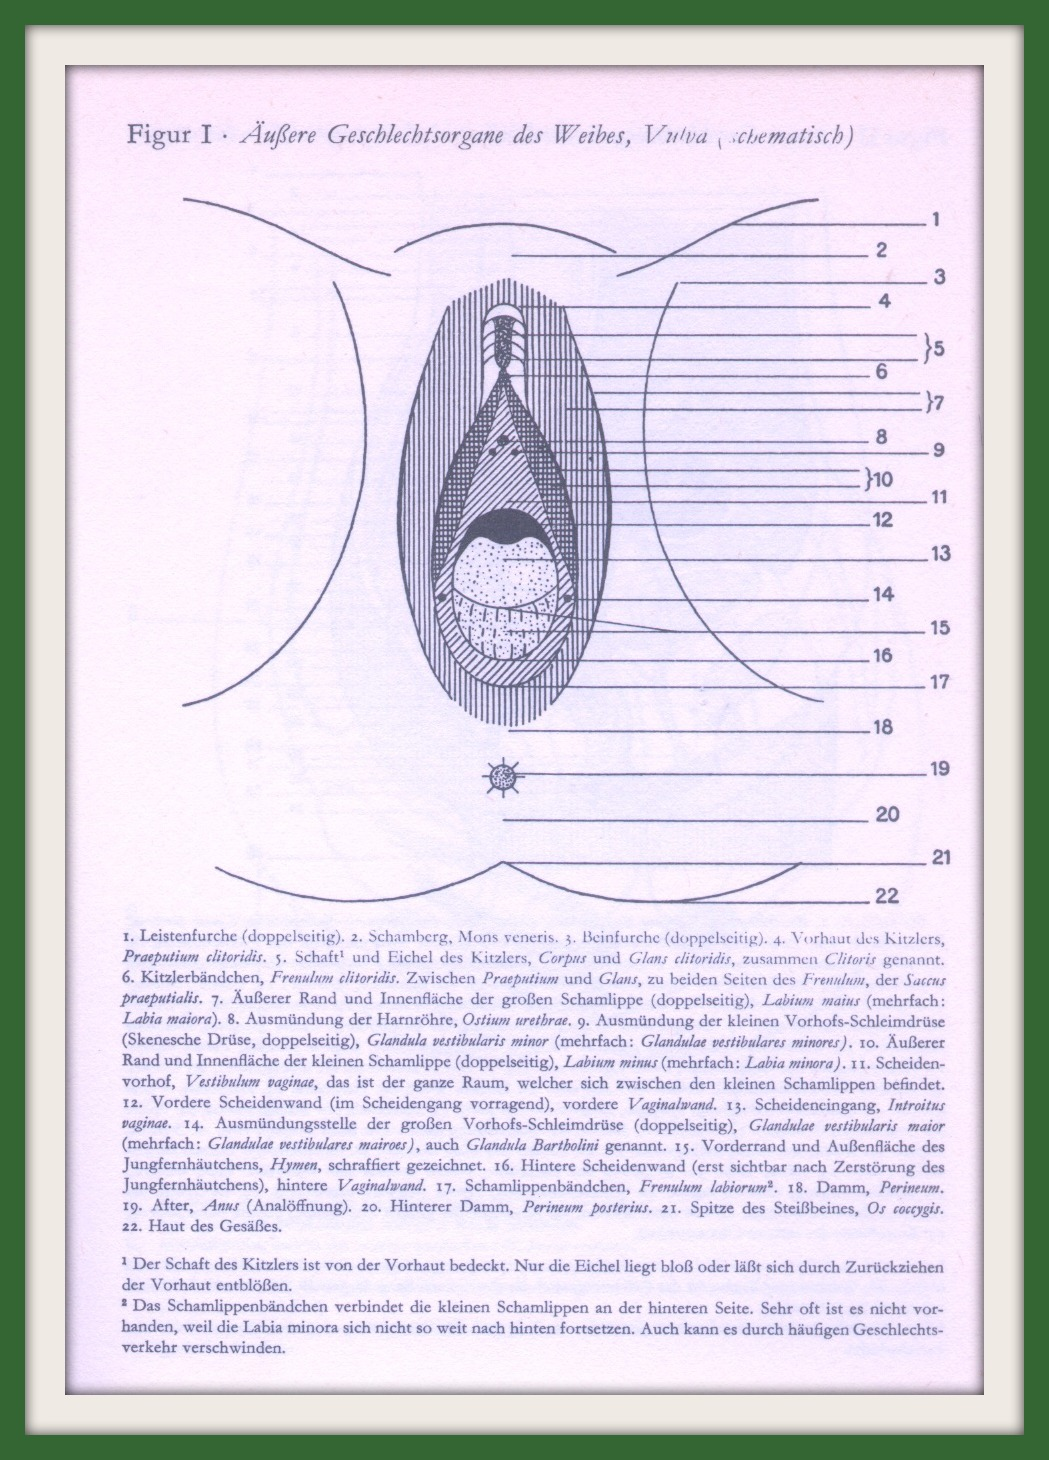 Besondere Geschlechtsphysiologie und Anatomie